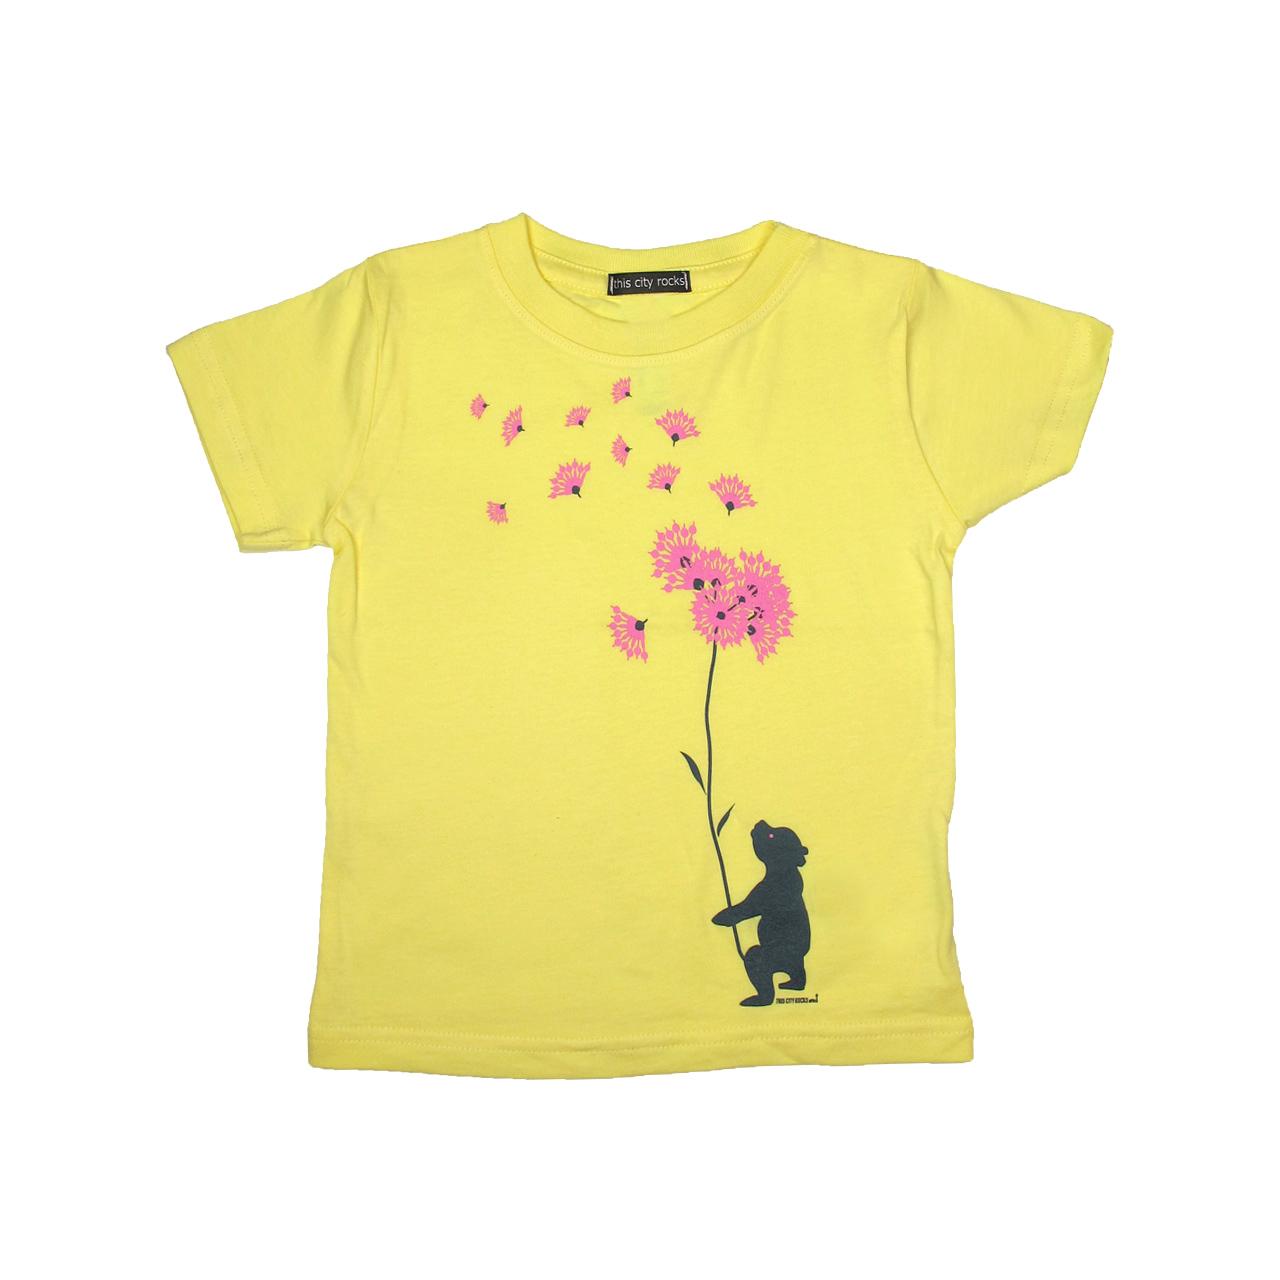 Berlin Design T-Shirt Bär Blumen gelb/rosa